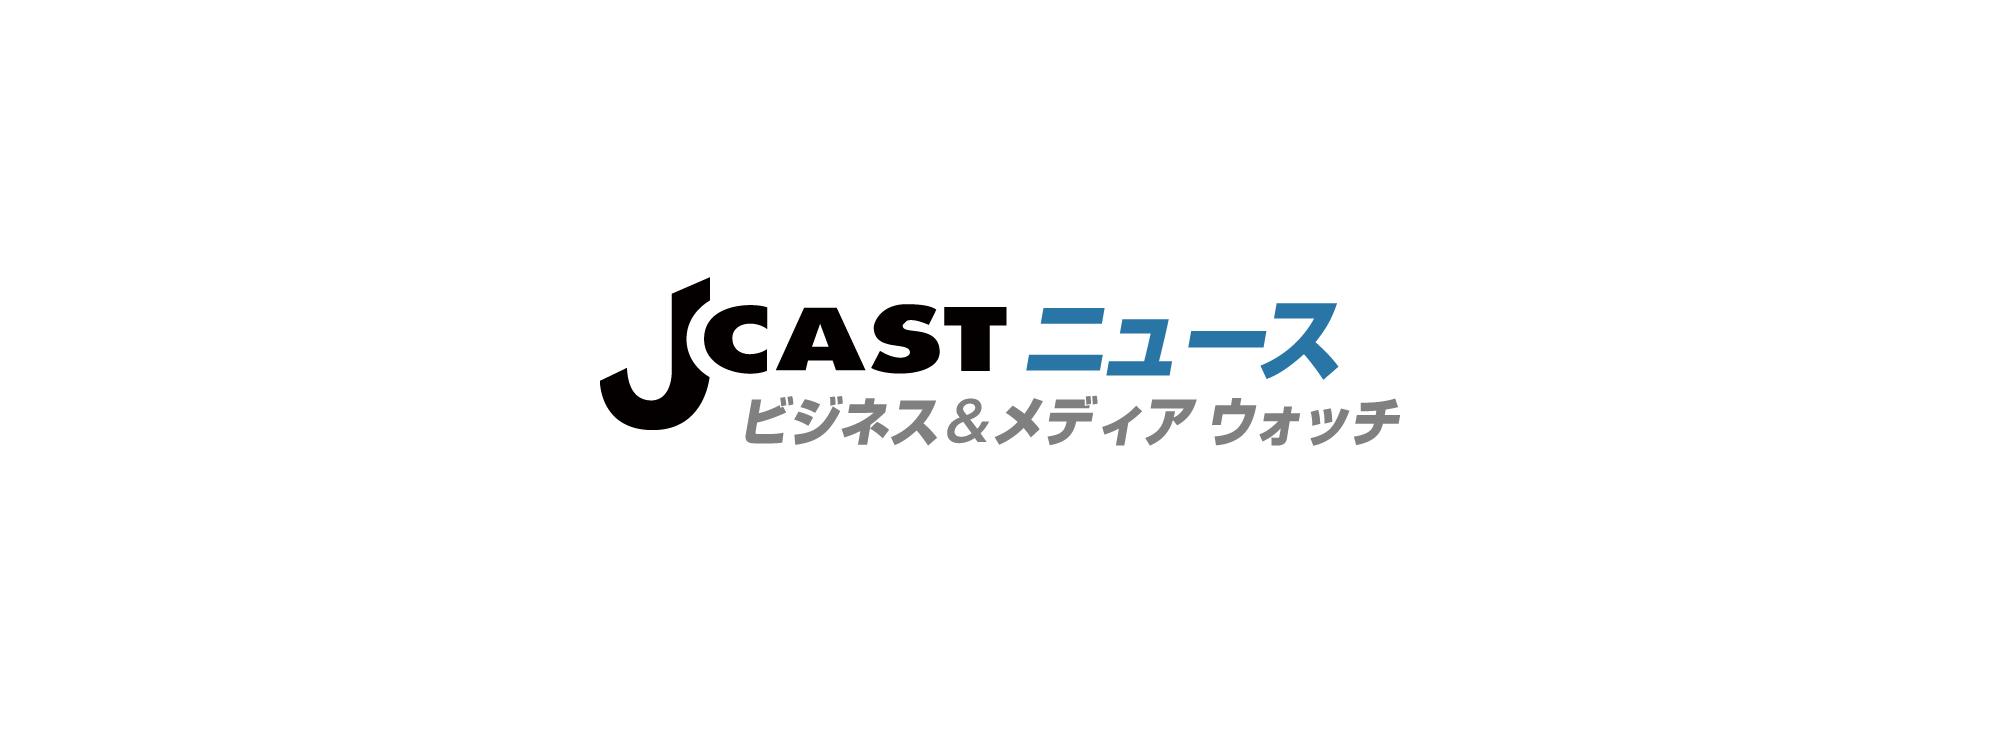 全文表示 | 「まじ黙れよ、エロババア」 韓流ファンの怒りかう杉本彩 : J-CASTニュース